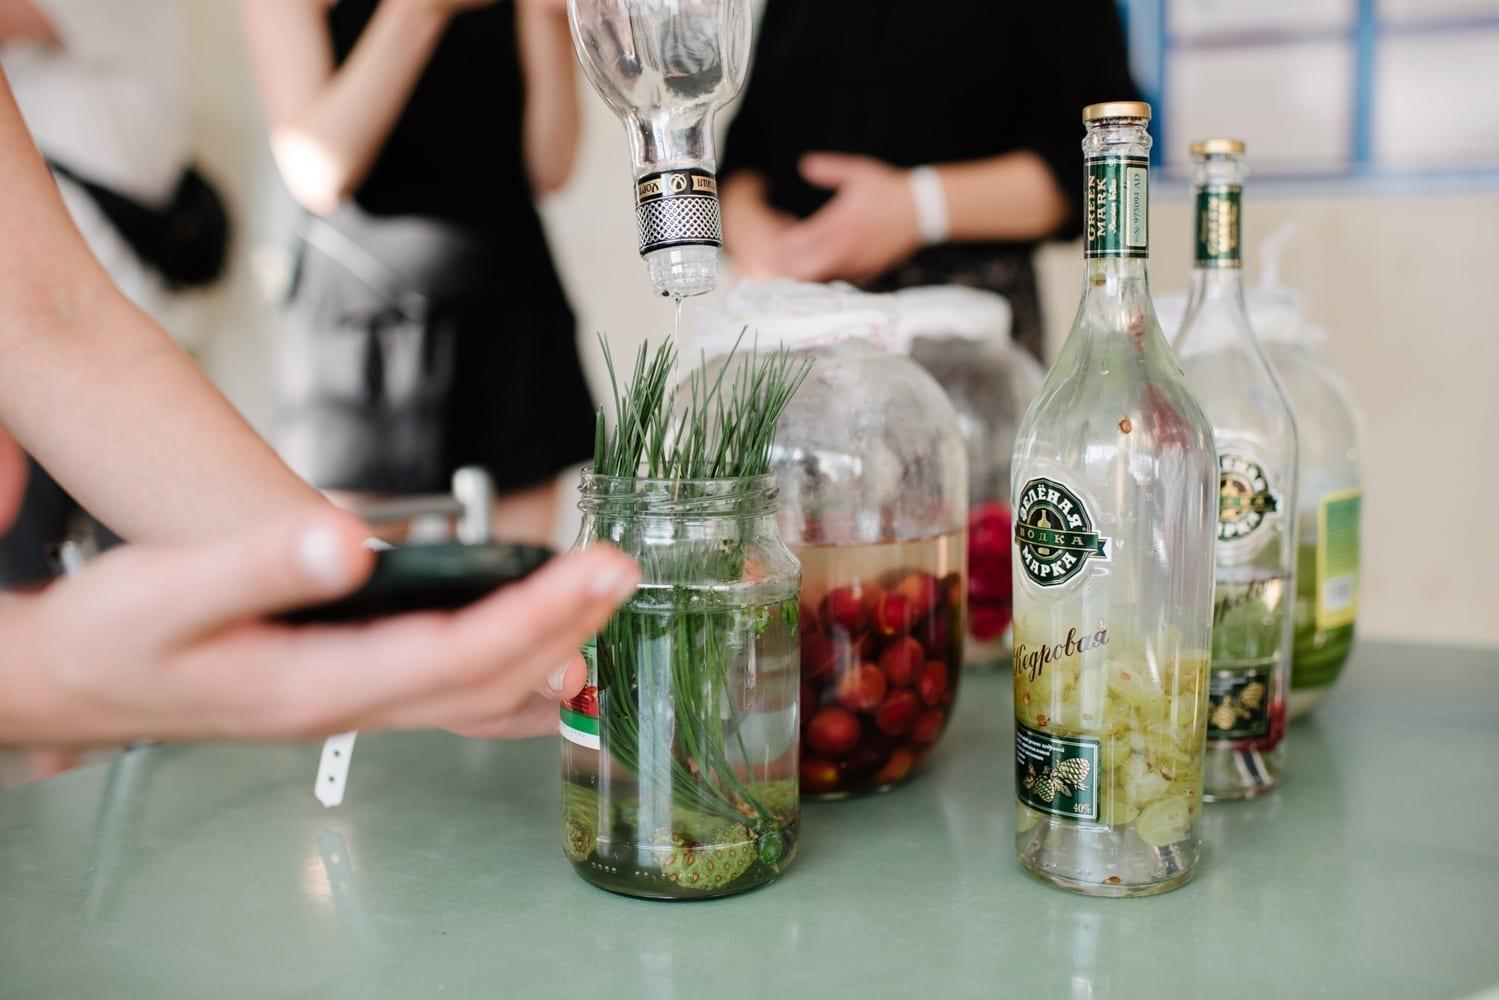 Анна Андржиевская. Заготовка настоек из собранных на юге трав, фруктов и ягод.